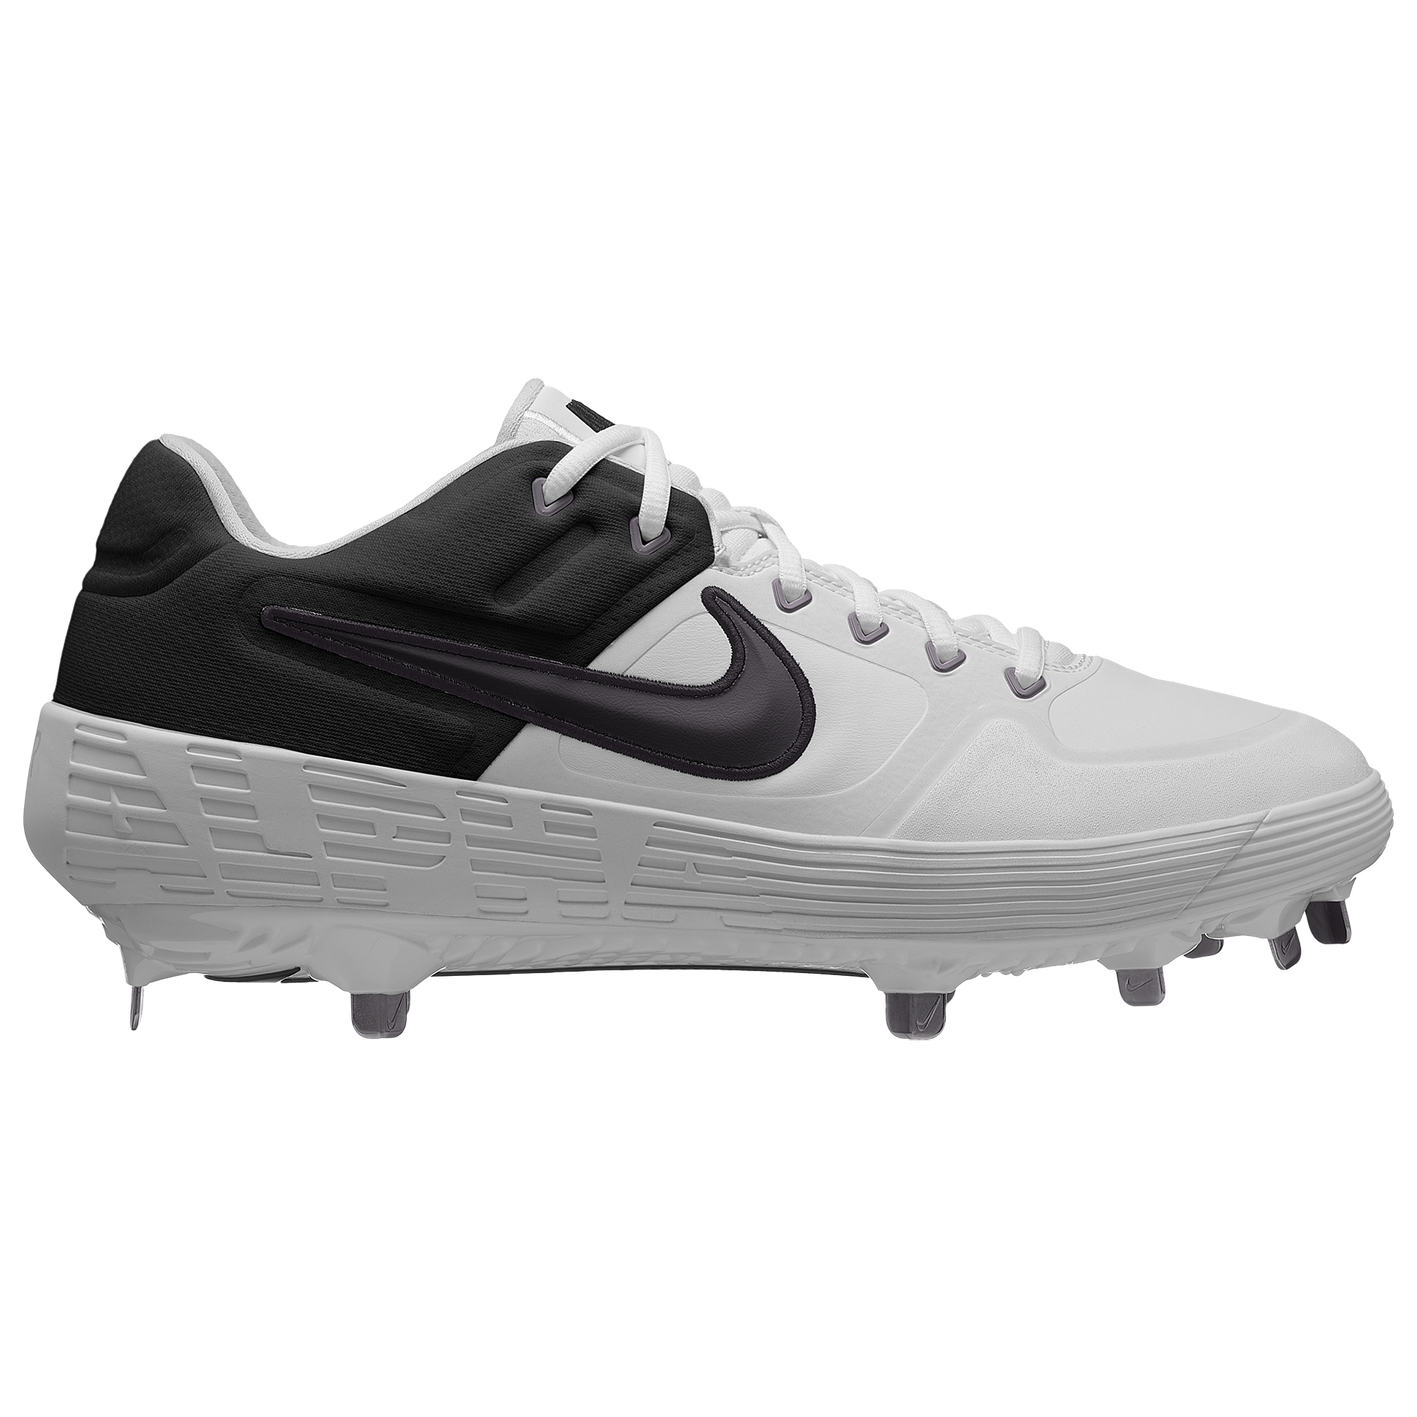 f420d30cc902 Nike Alpha Huarache Elite 2 Low - Men s - Baseball - Shoes - White Thunder  Grey Black